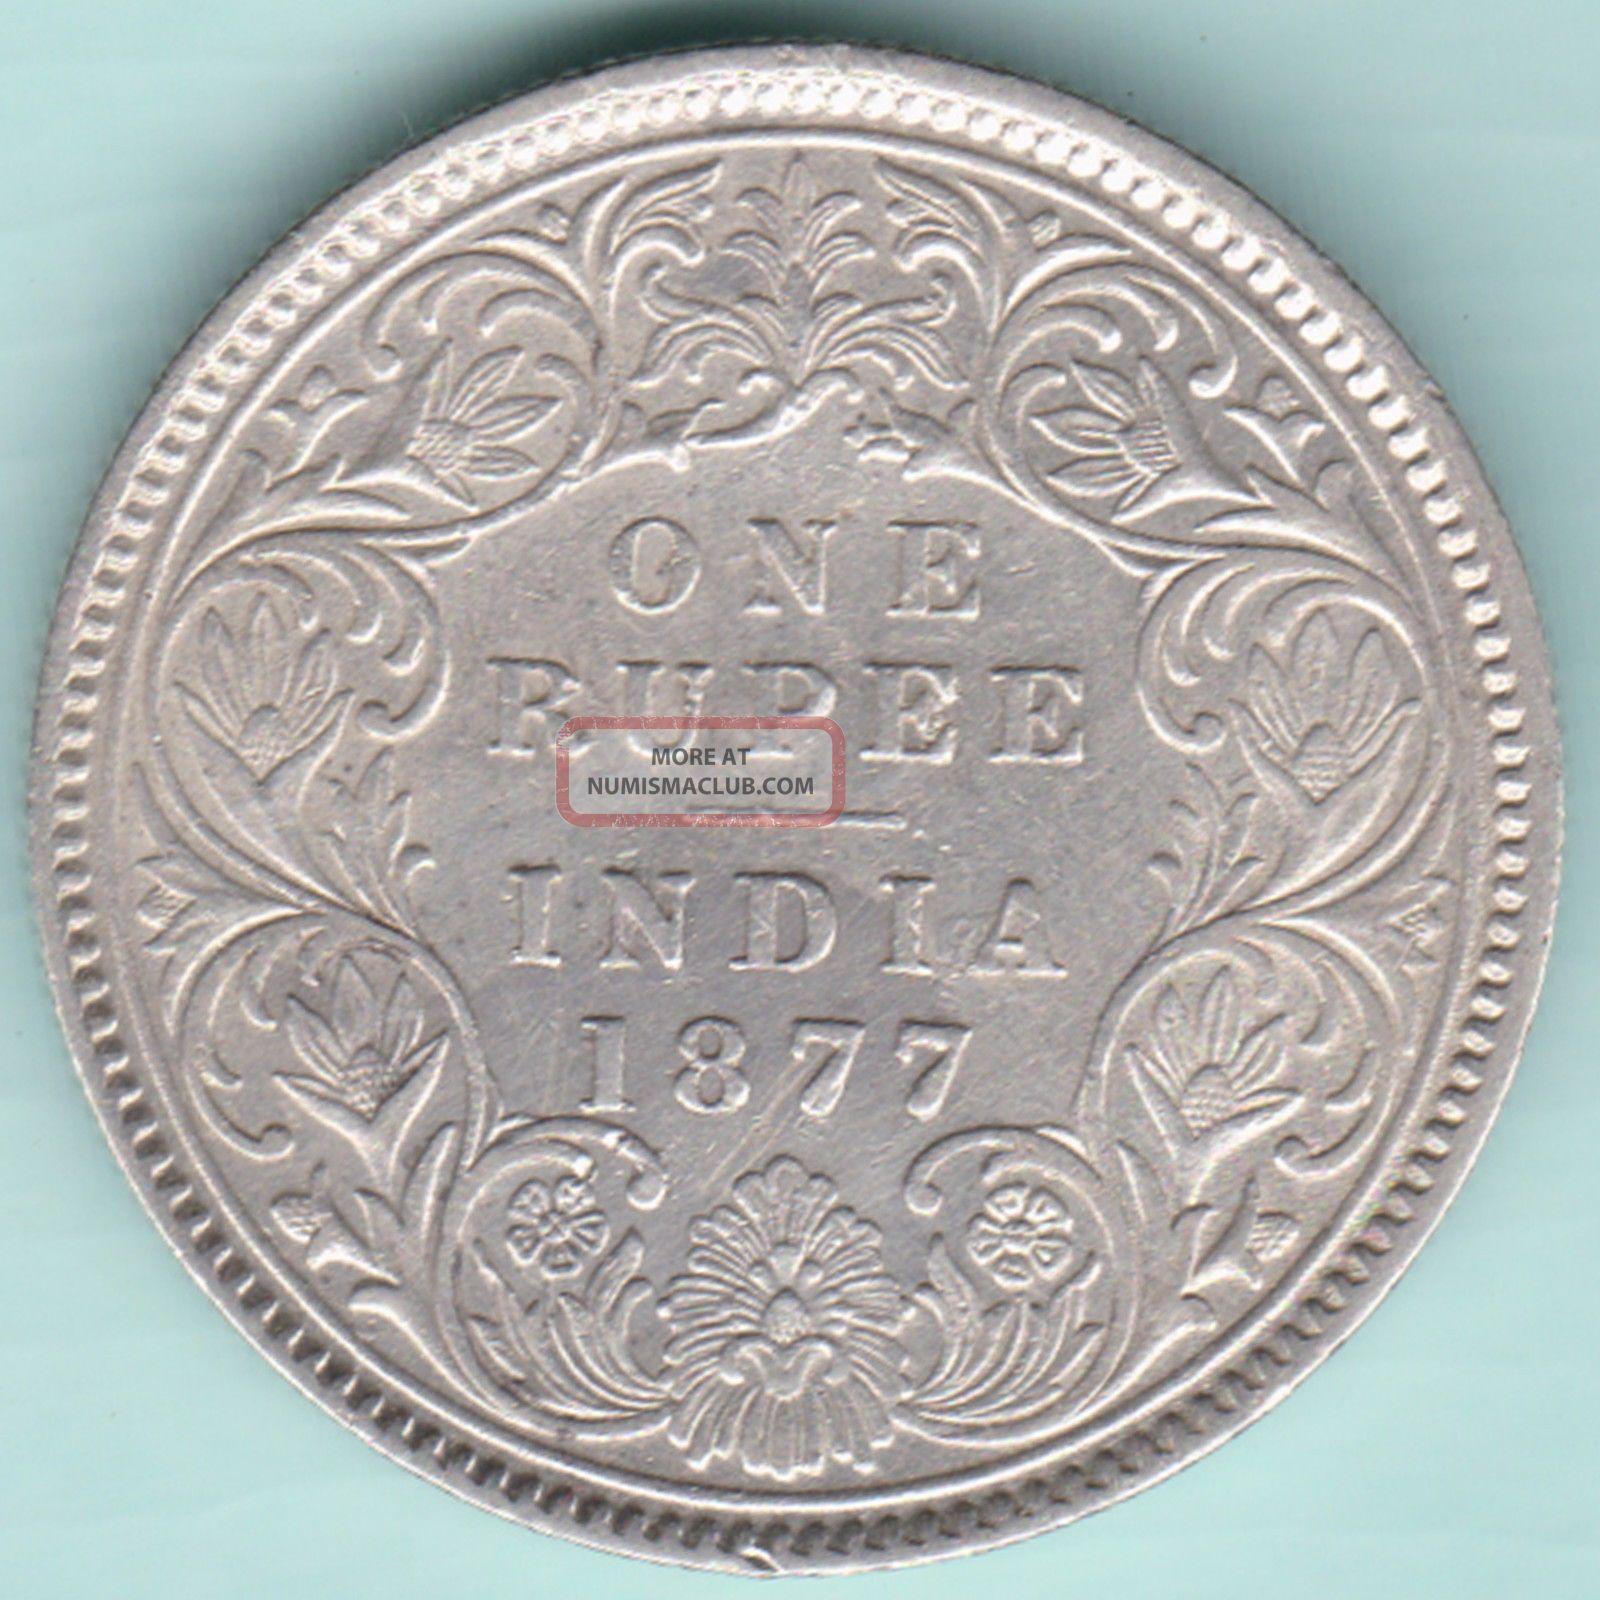 British India - 1877 - Victoria Empress - Calcutta - One Rupee - Rare Coin British photo